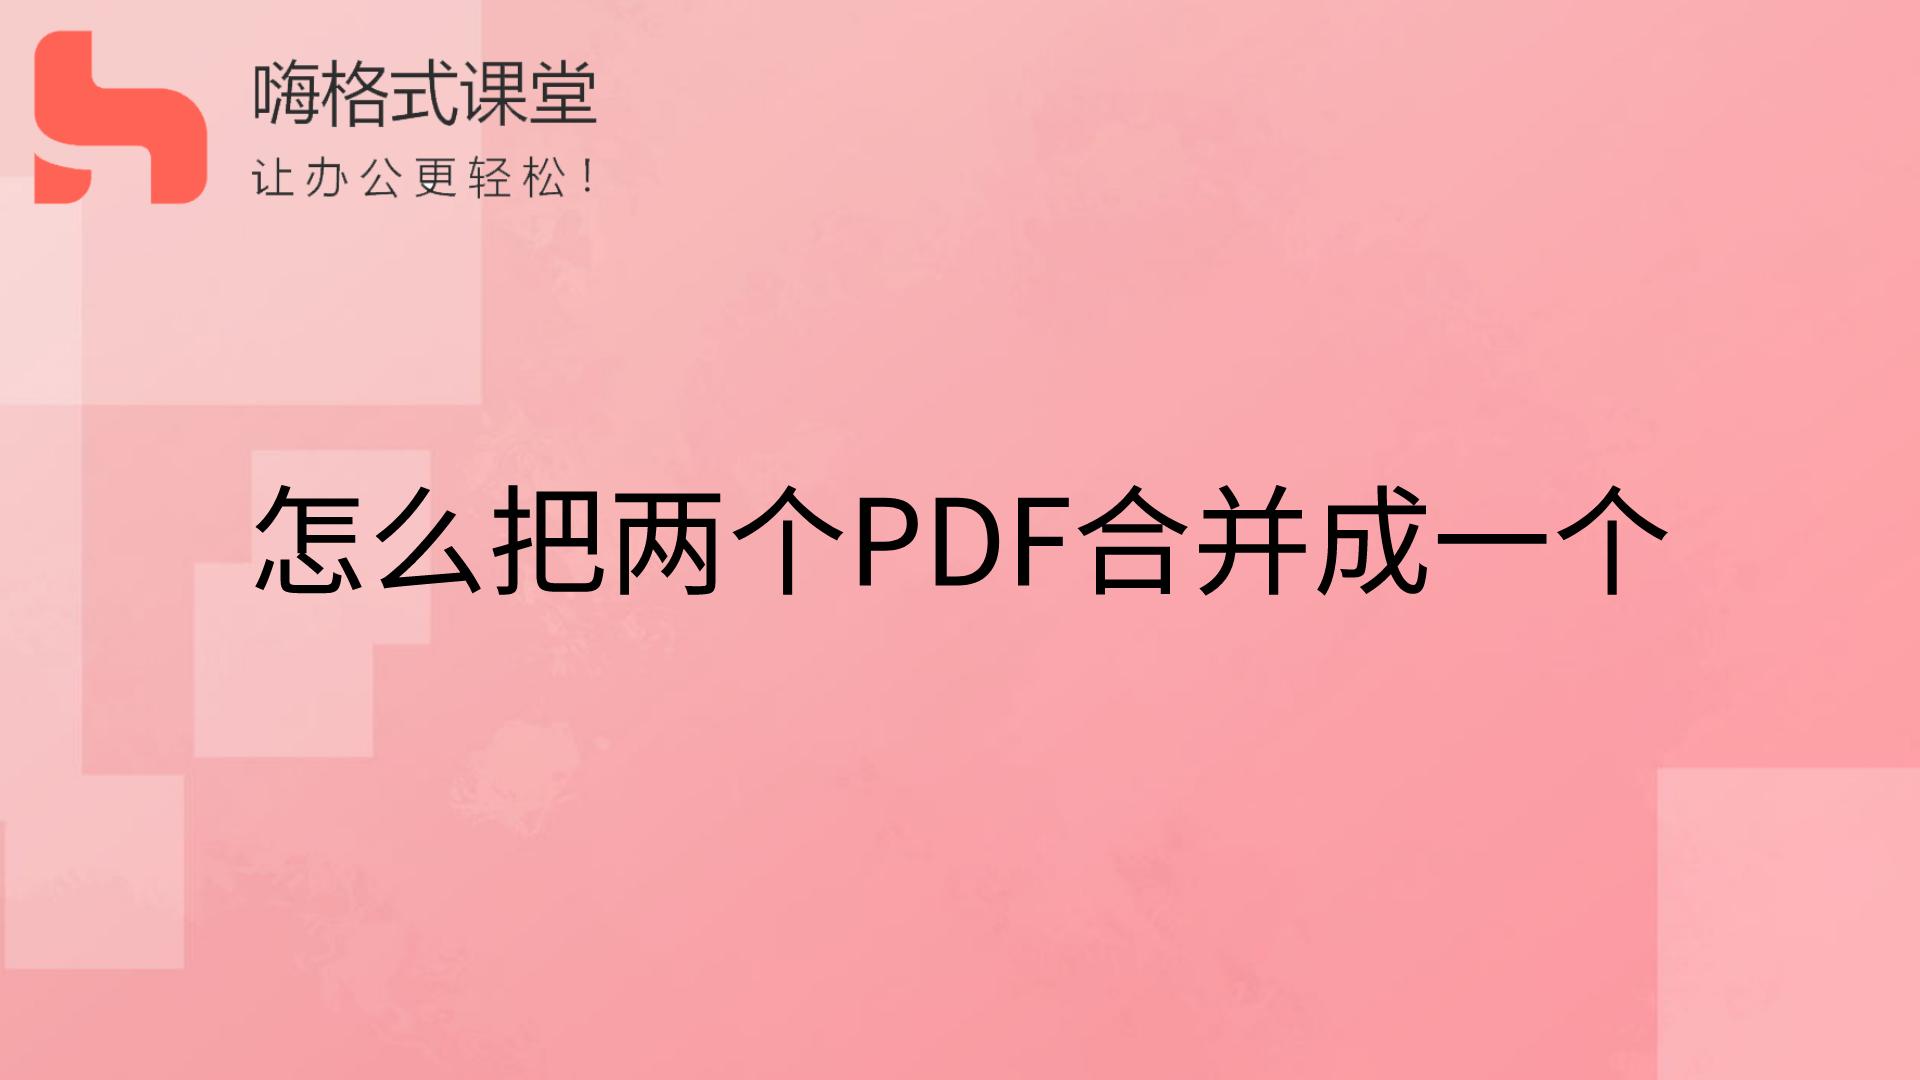 怎么把两个PDF合并成一个